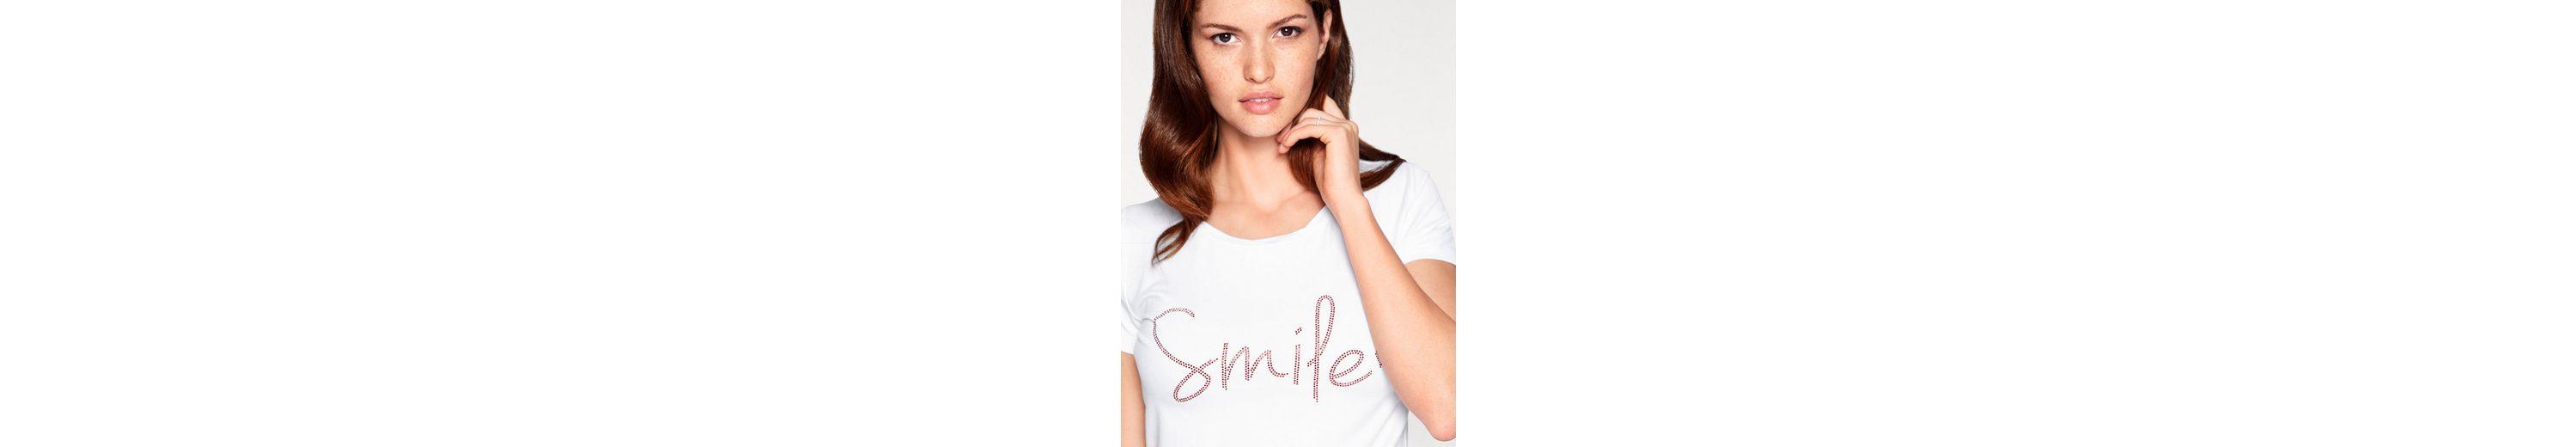 Günstige Standorte Verkauf Auslass Besuchen Online-Verkauf Neu ASHLEY BROOKE by Heine T-Shirt mit Smile-Schriftzug Steckdose Versorgungs Günstig Kaufen Für Billig N8ZgAD6QsV